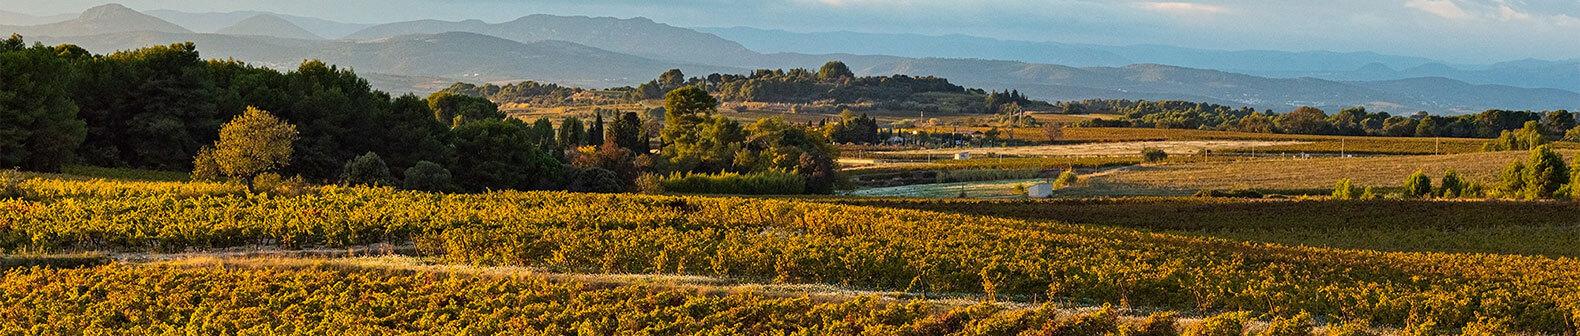 L'histoire des vignerons Montagnac Domitienne d'où sont produits les vins picpoul de Pinet, IGP Pays d'Oc